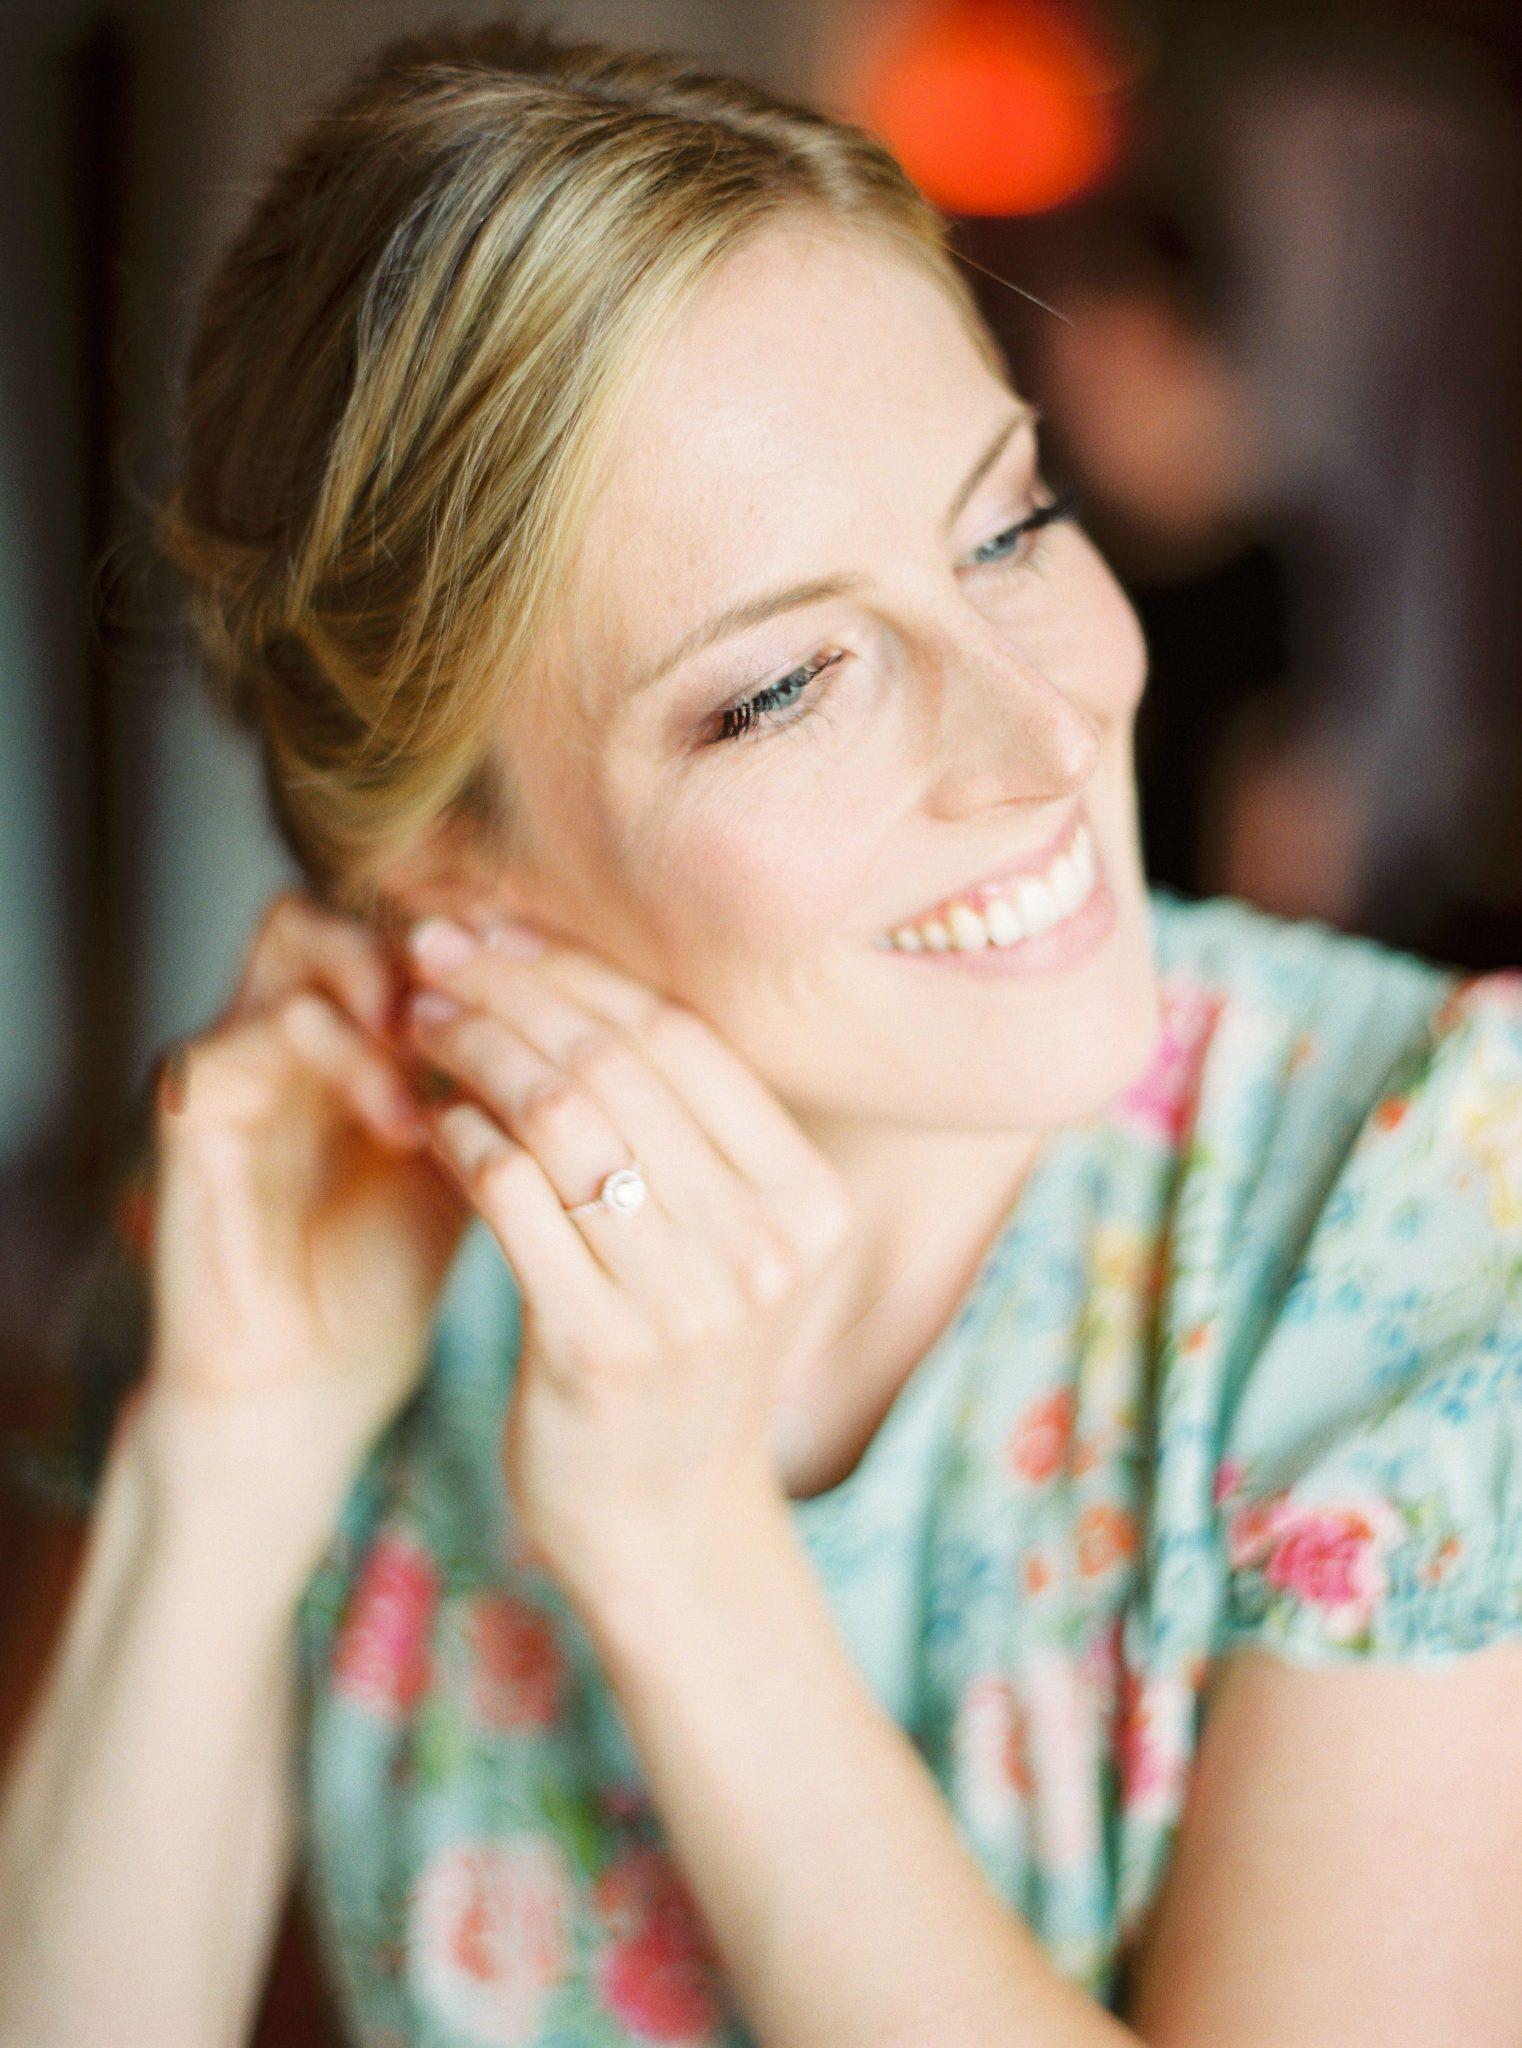 Foto: Birgit Hart Hochzeit Styling Haare Make-up Munich wedding hair makeup getting ready